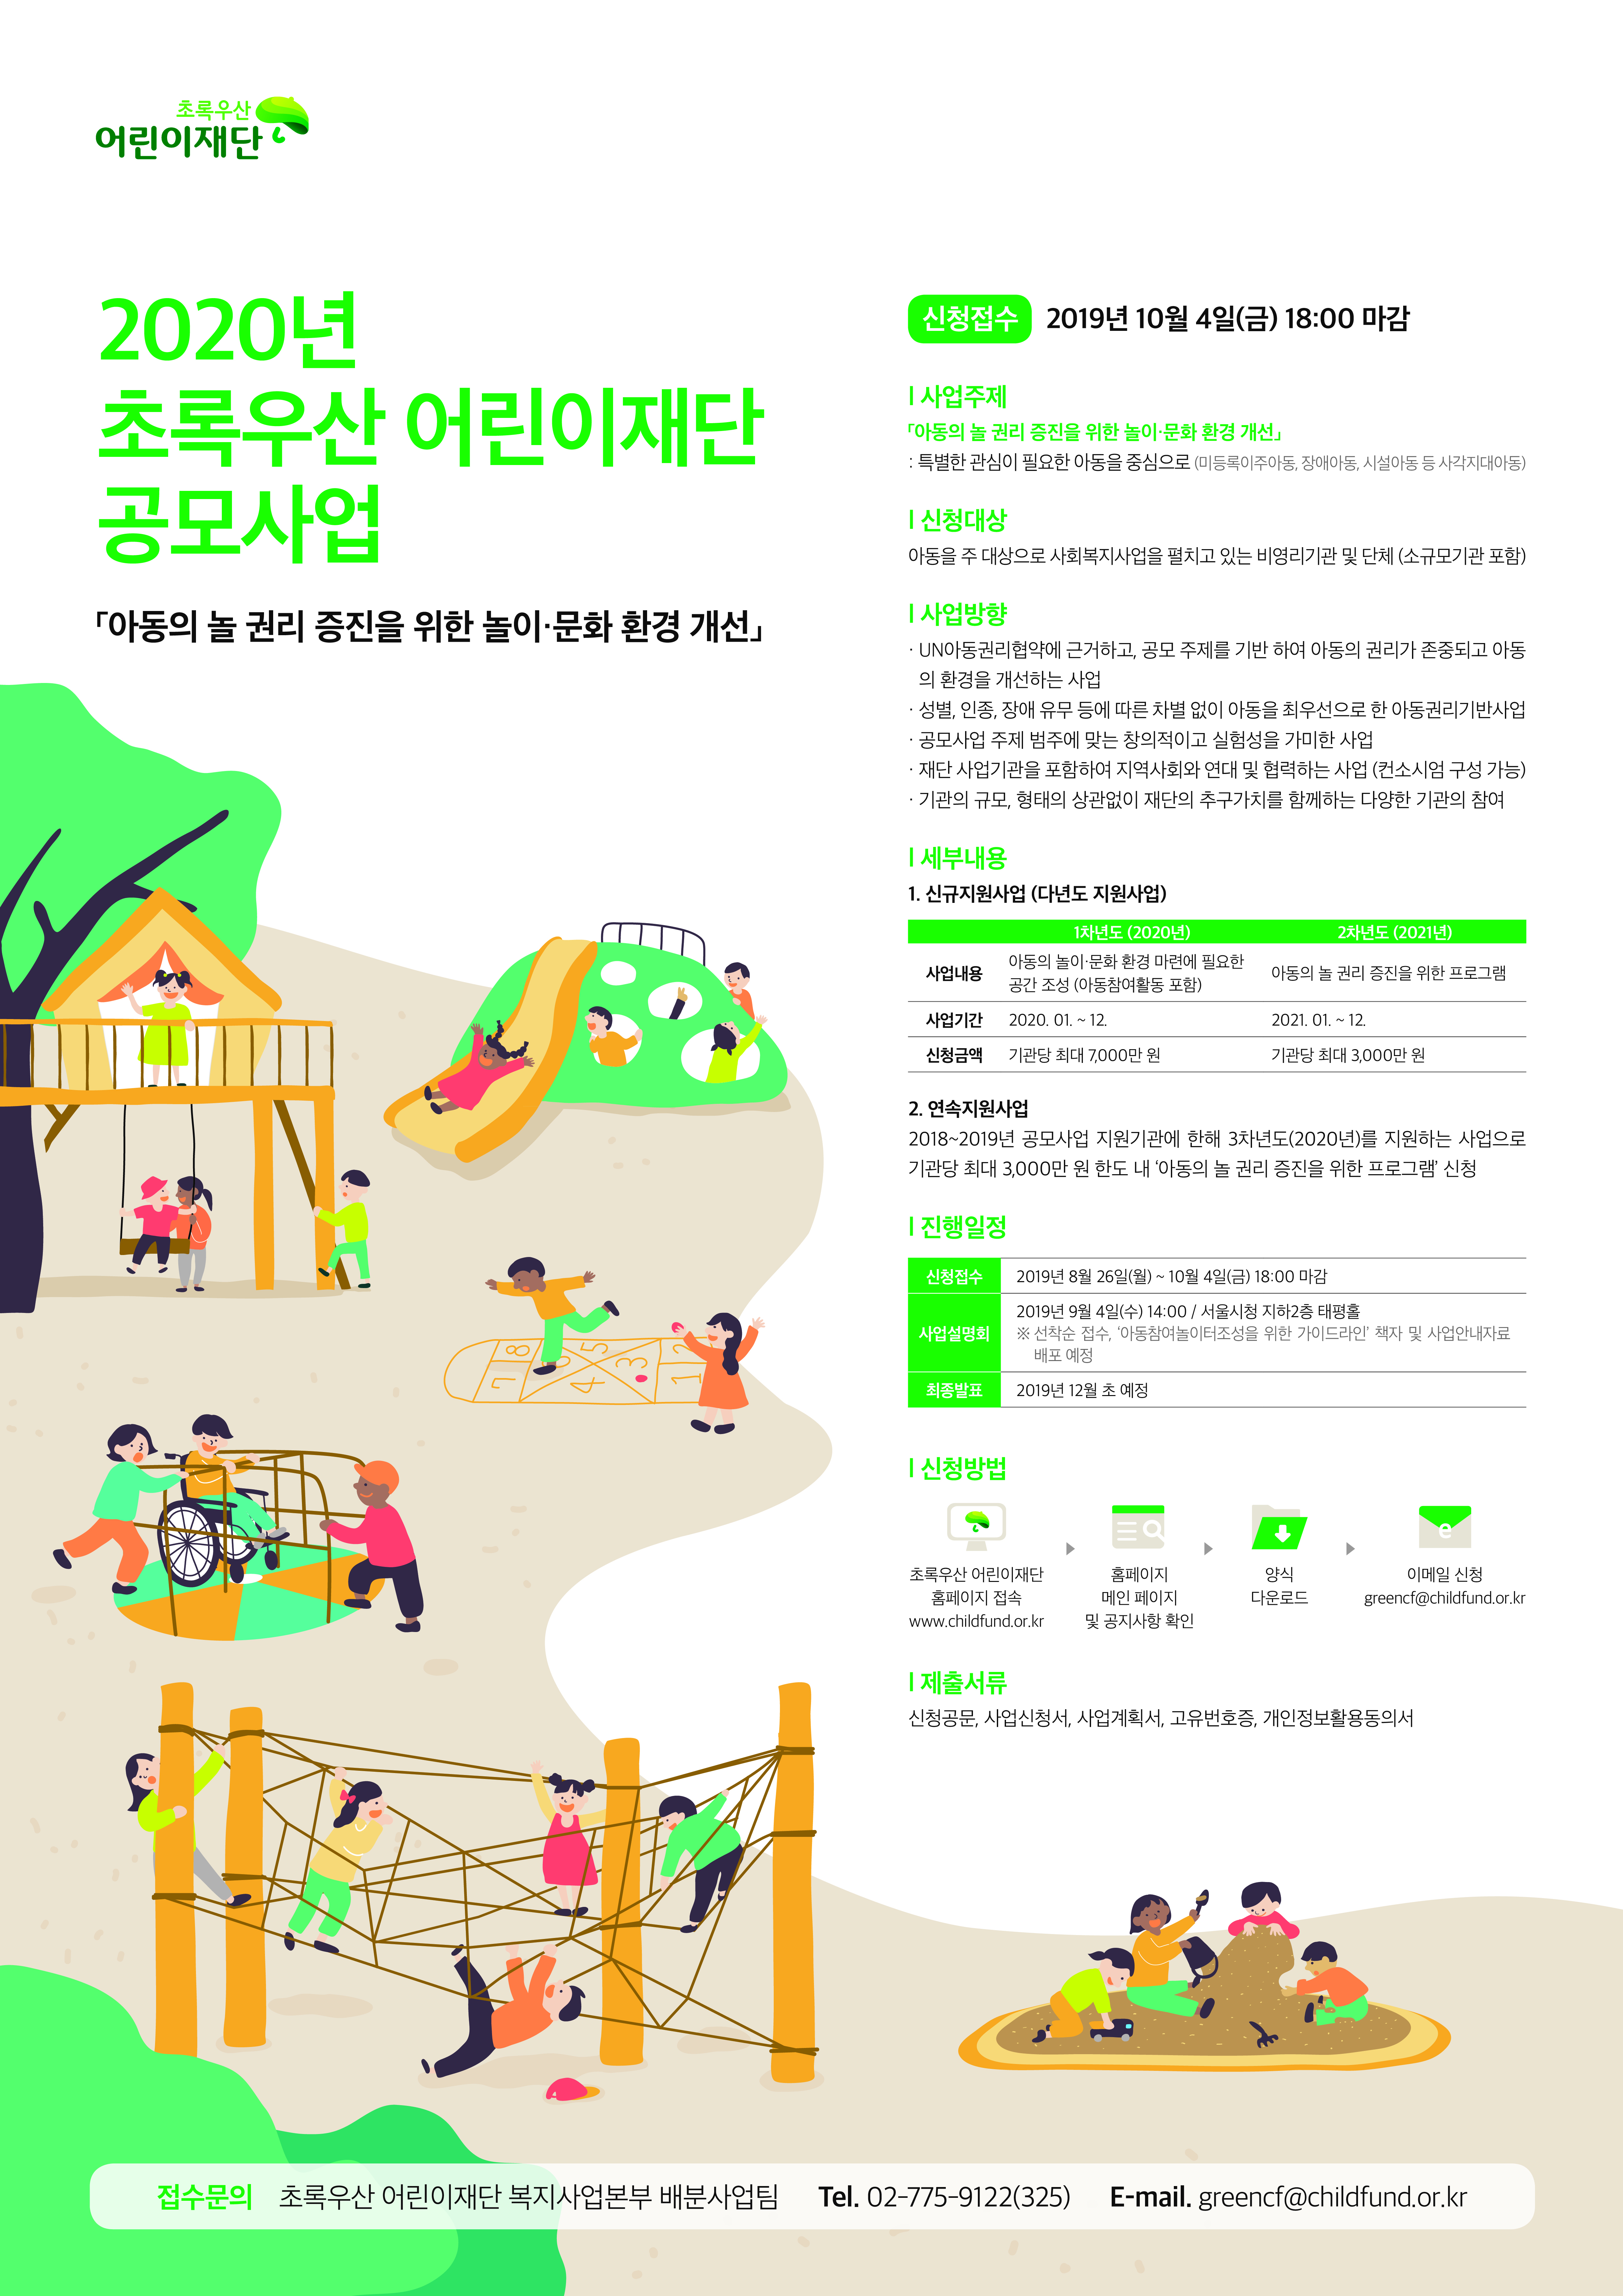 사본 -첨부1_2020년 초록우산어린이재단 공모사업 포스터.jpg